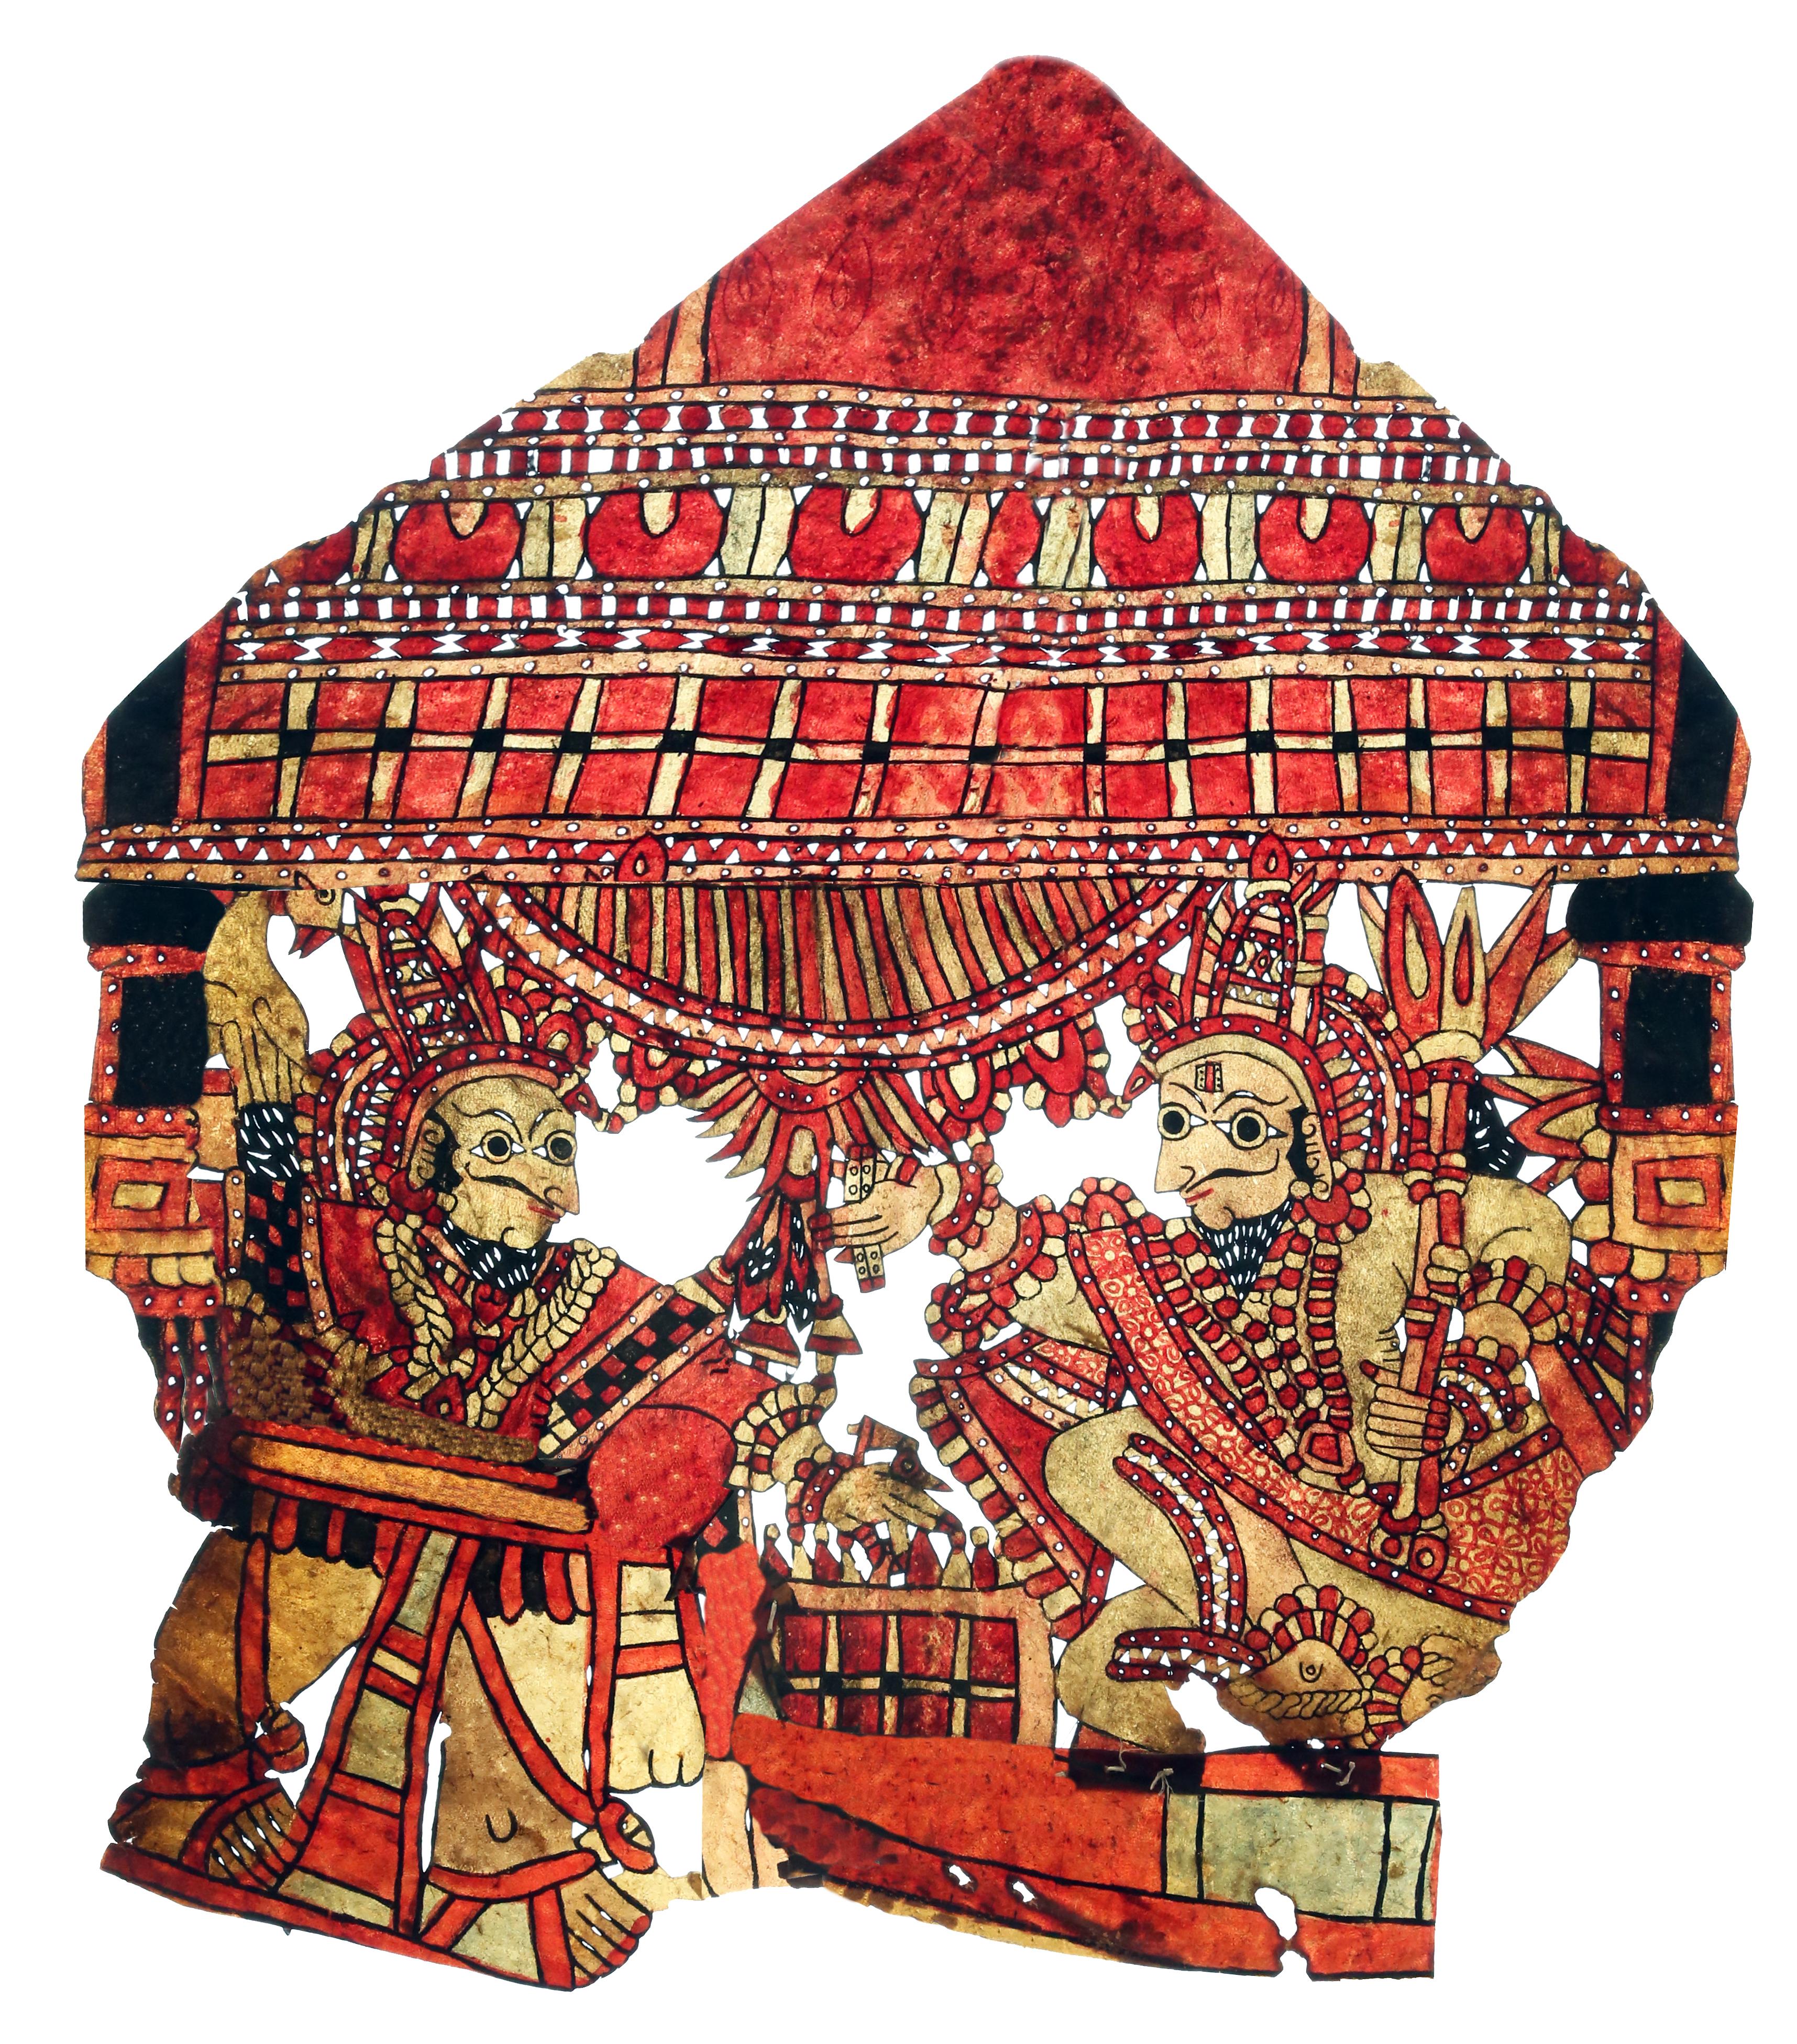 Une scène du Mahâbhârata, le Jeu de Dés, avec Shakuni (à gauche) et Yudhisthira (à droite), une marionnette d'ombre en cuir composite créée par Gunduraju, un maître du togalu gombeya</em>ta</em> (Hassan, Karnataka, Inde)